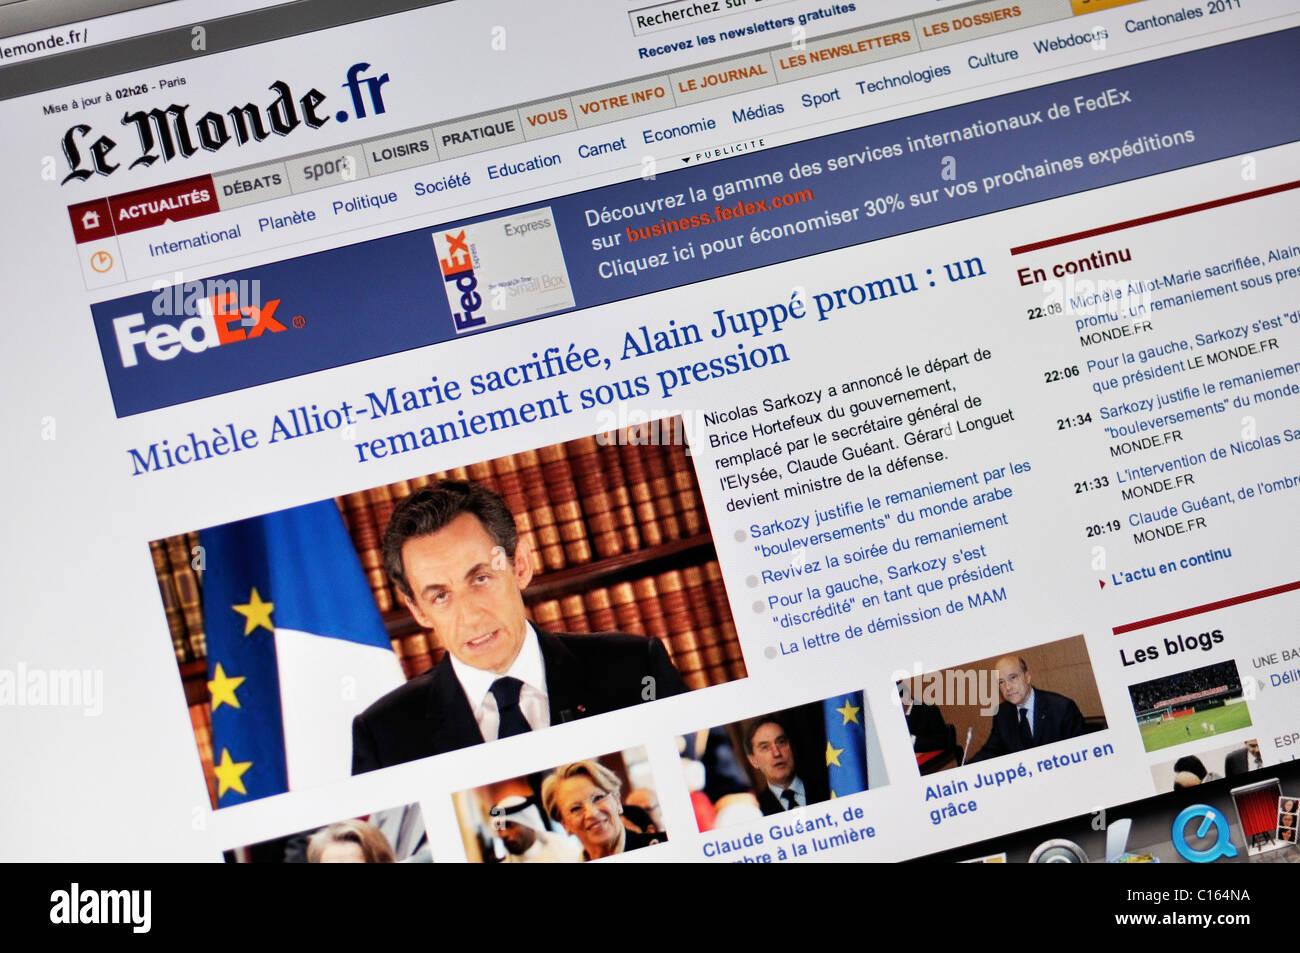 Le Monde online news website, France - Stock Image